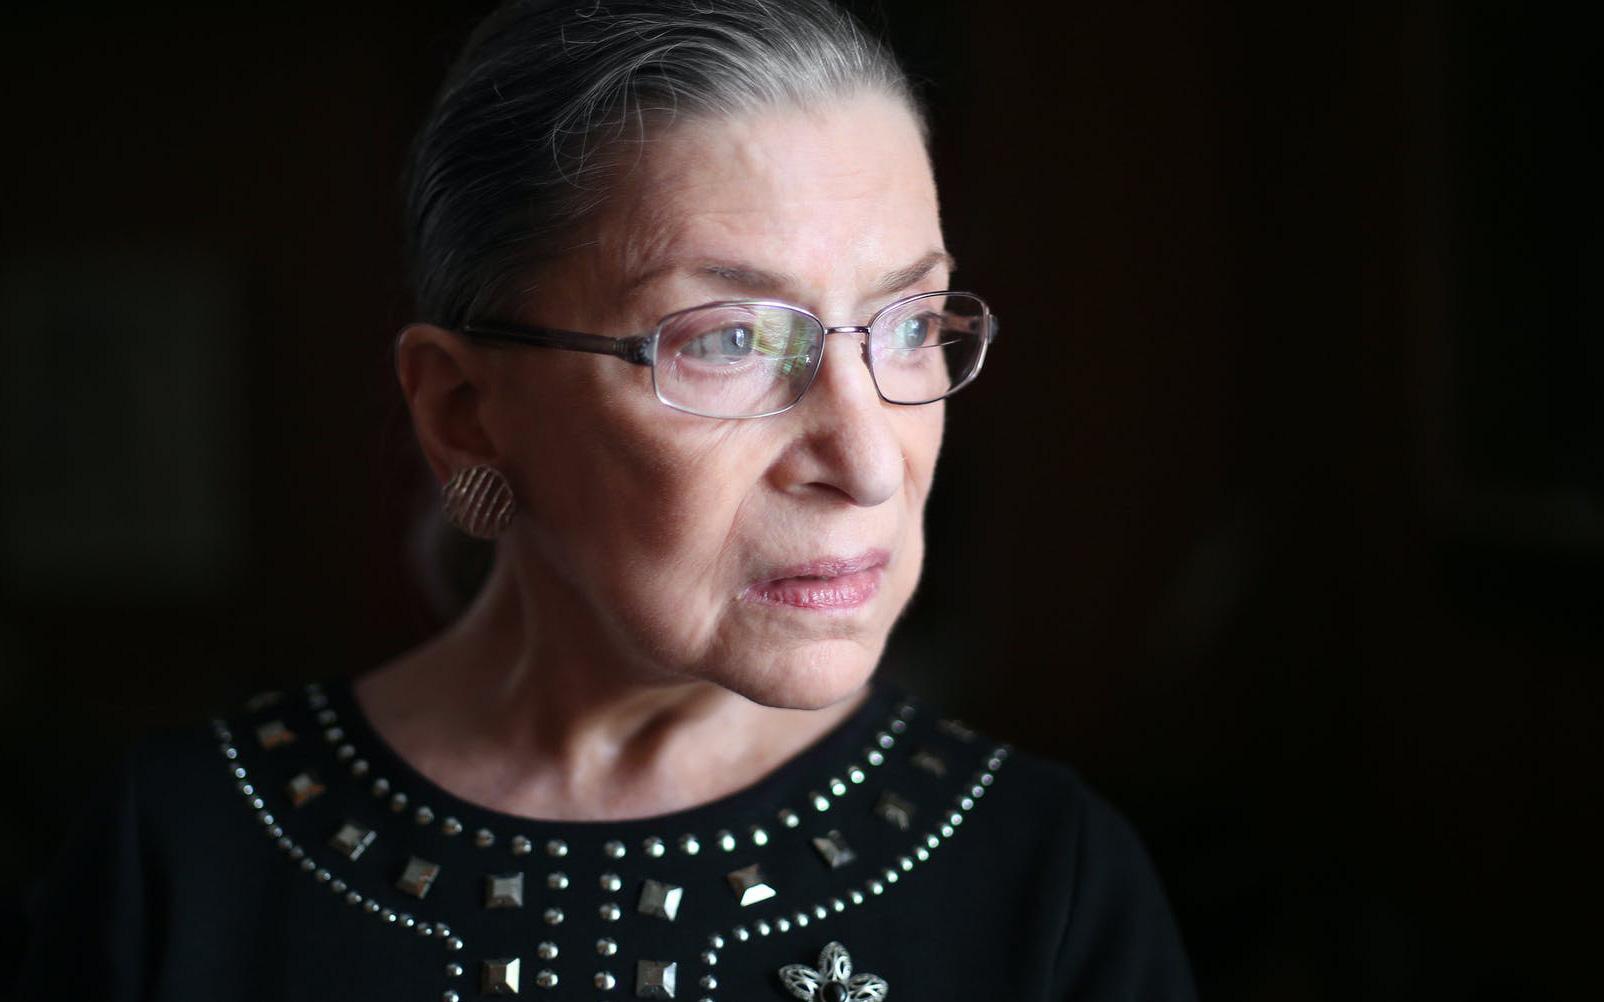 Sự ra đi của người phụ nữ này khiến chứng khoán Mỹ kéo dài chuỗi ngày bán tháo